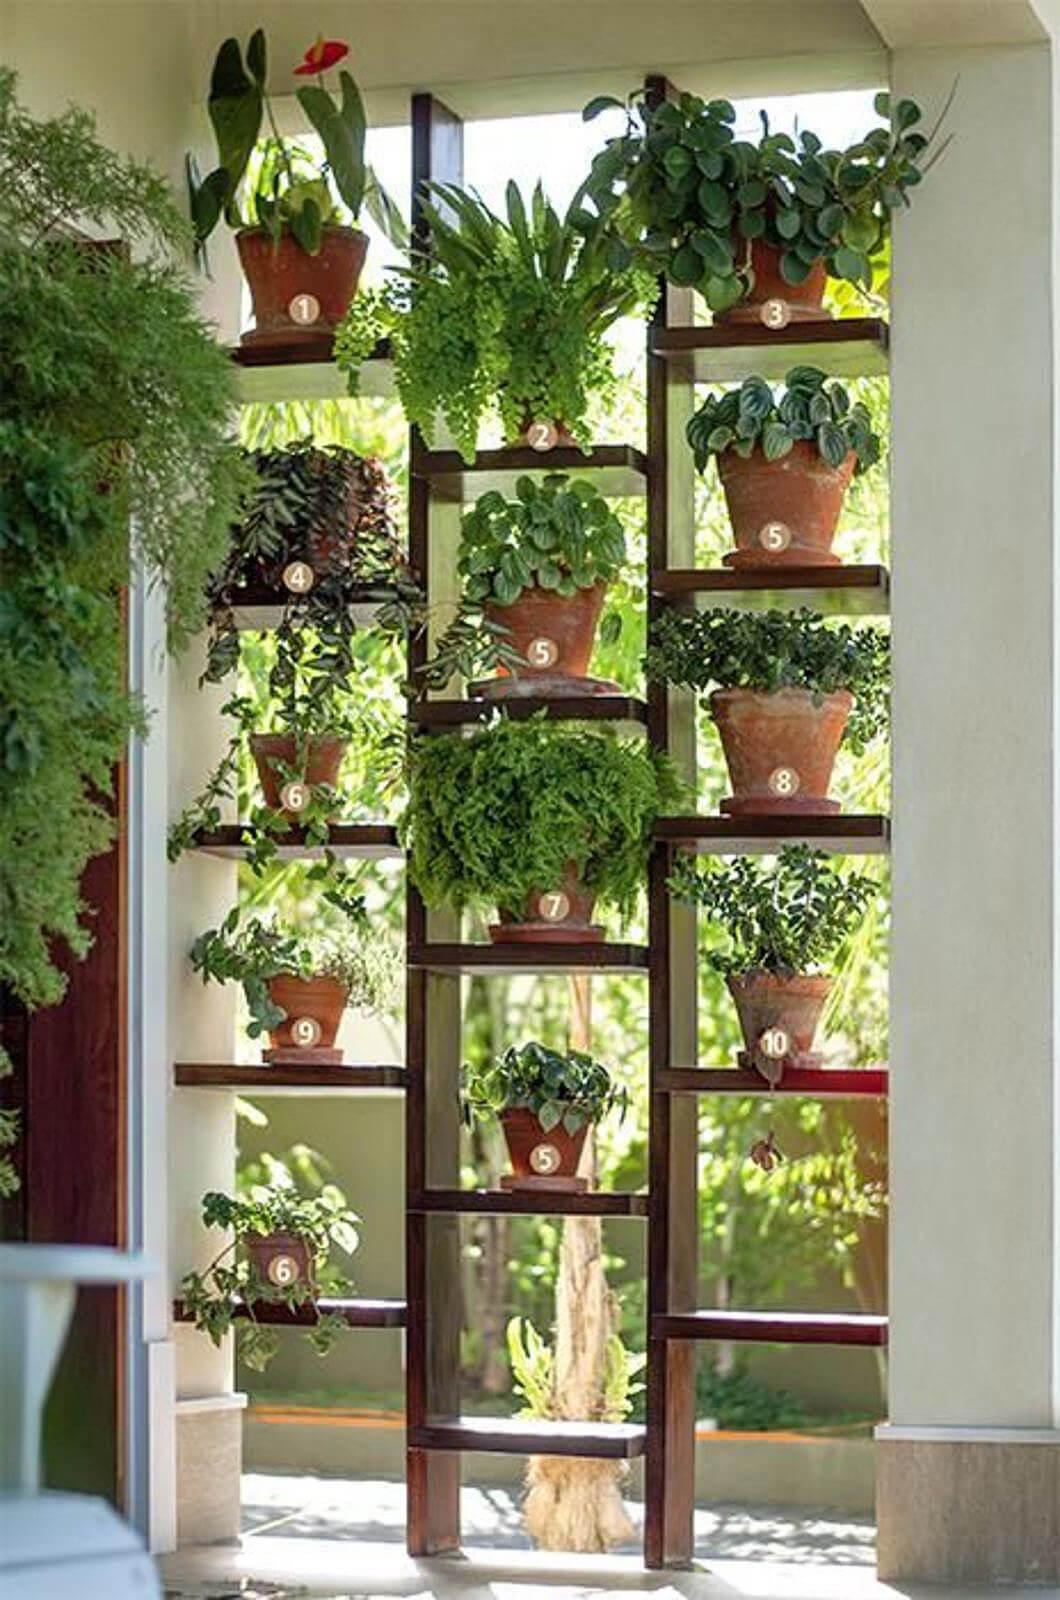 originales y creativos jardines hierbas 4